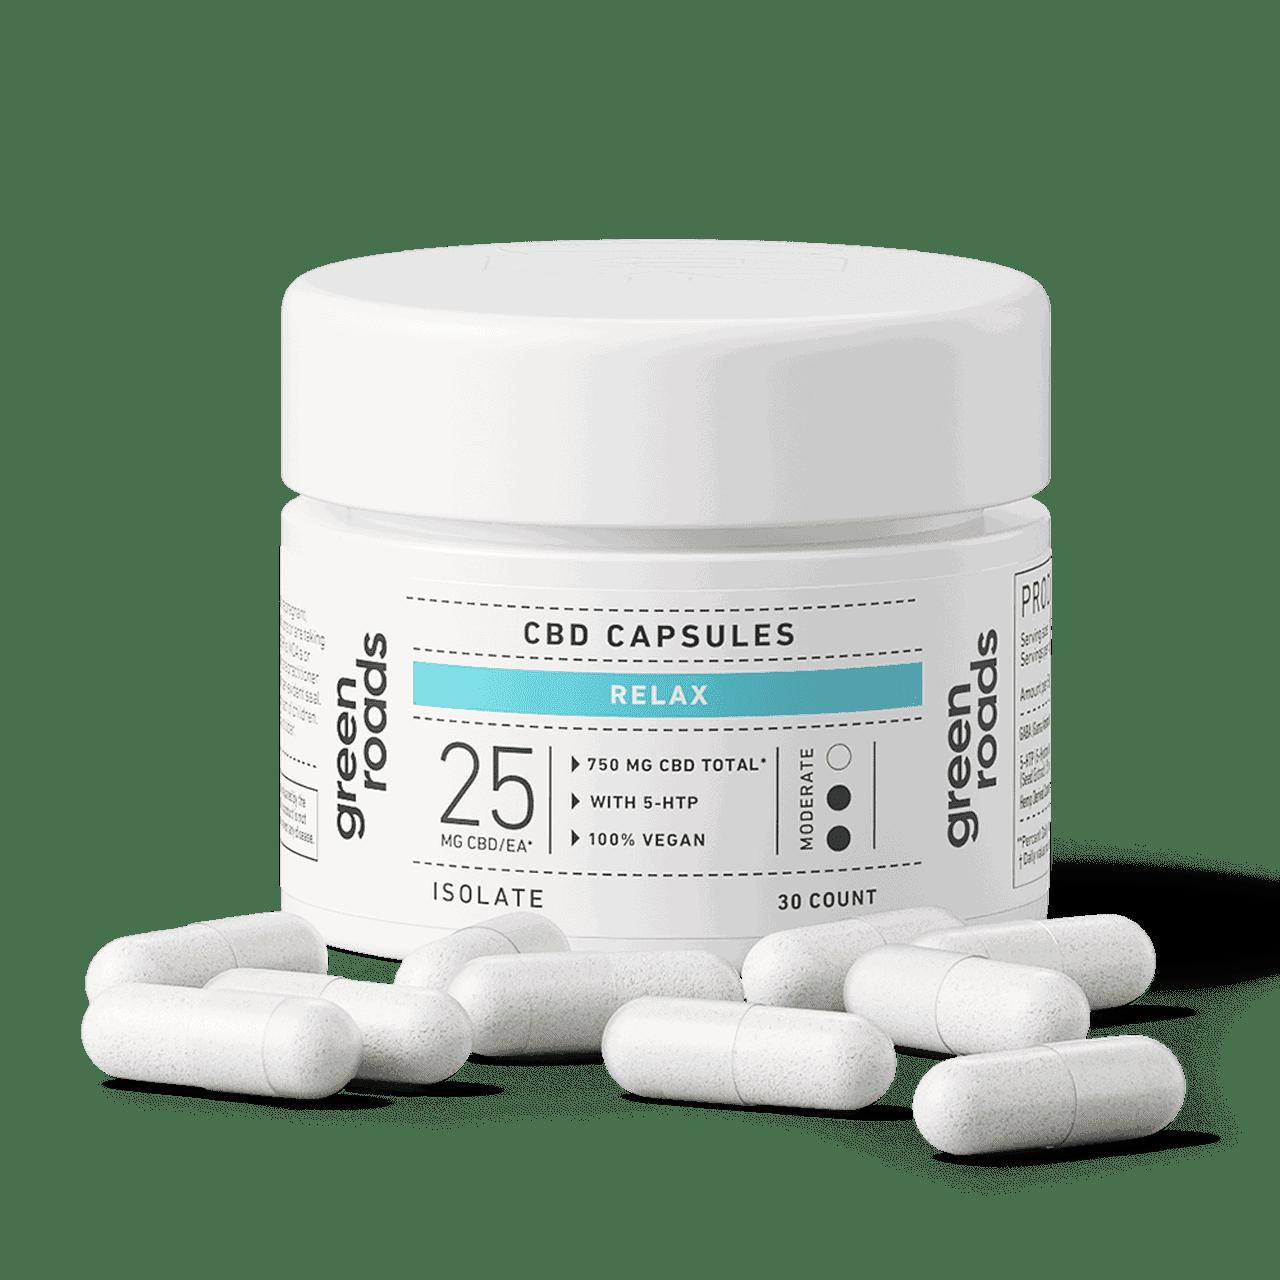 2.CBD-Capsules-Original-25mg-Pills.png